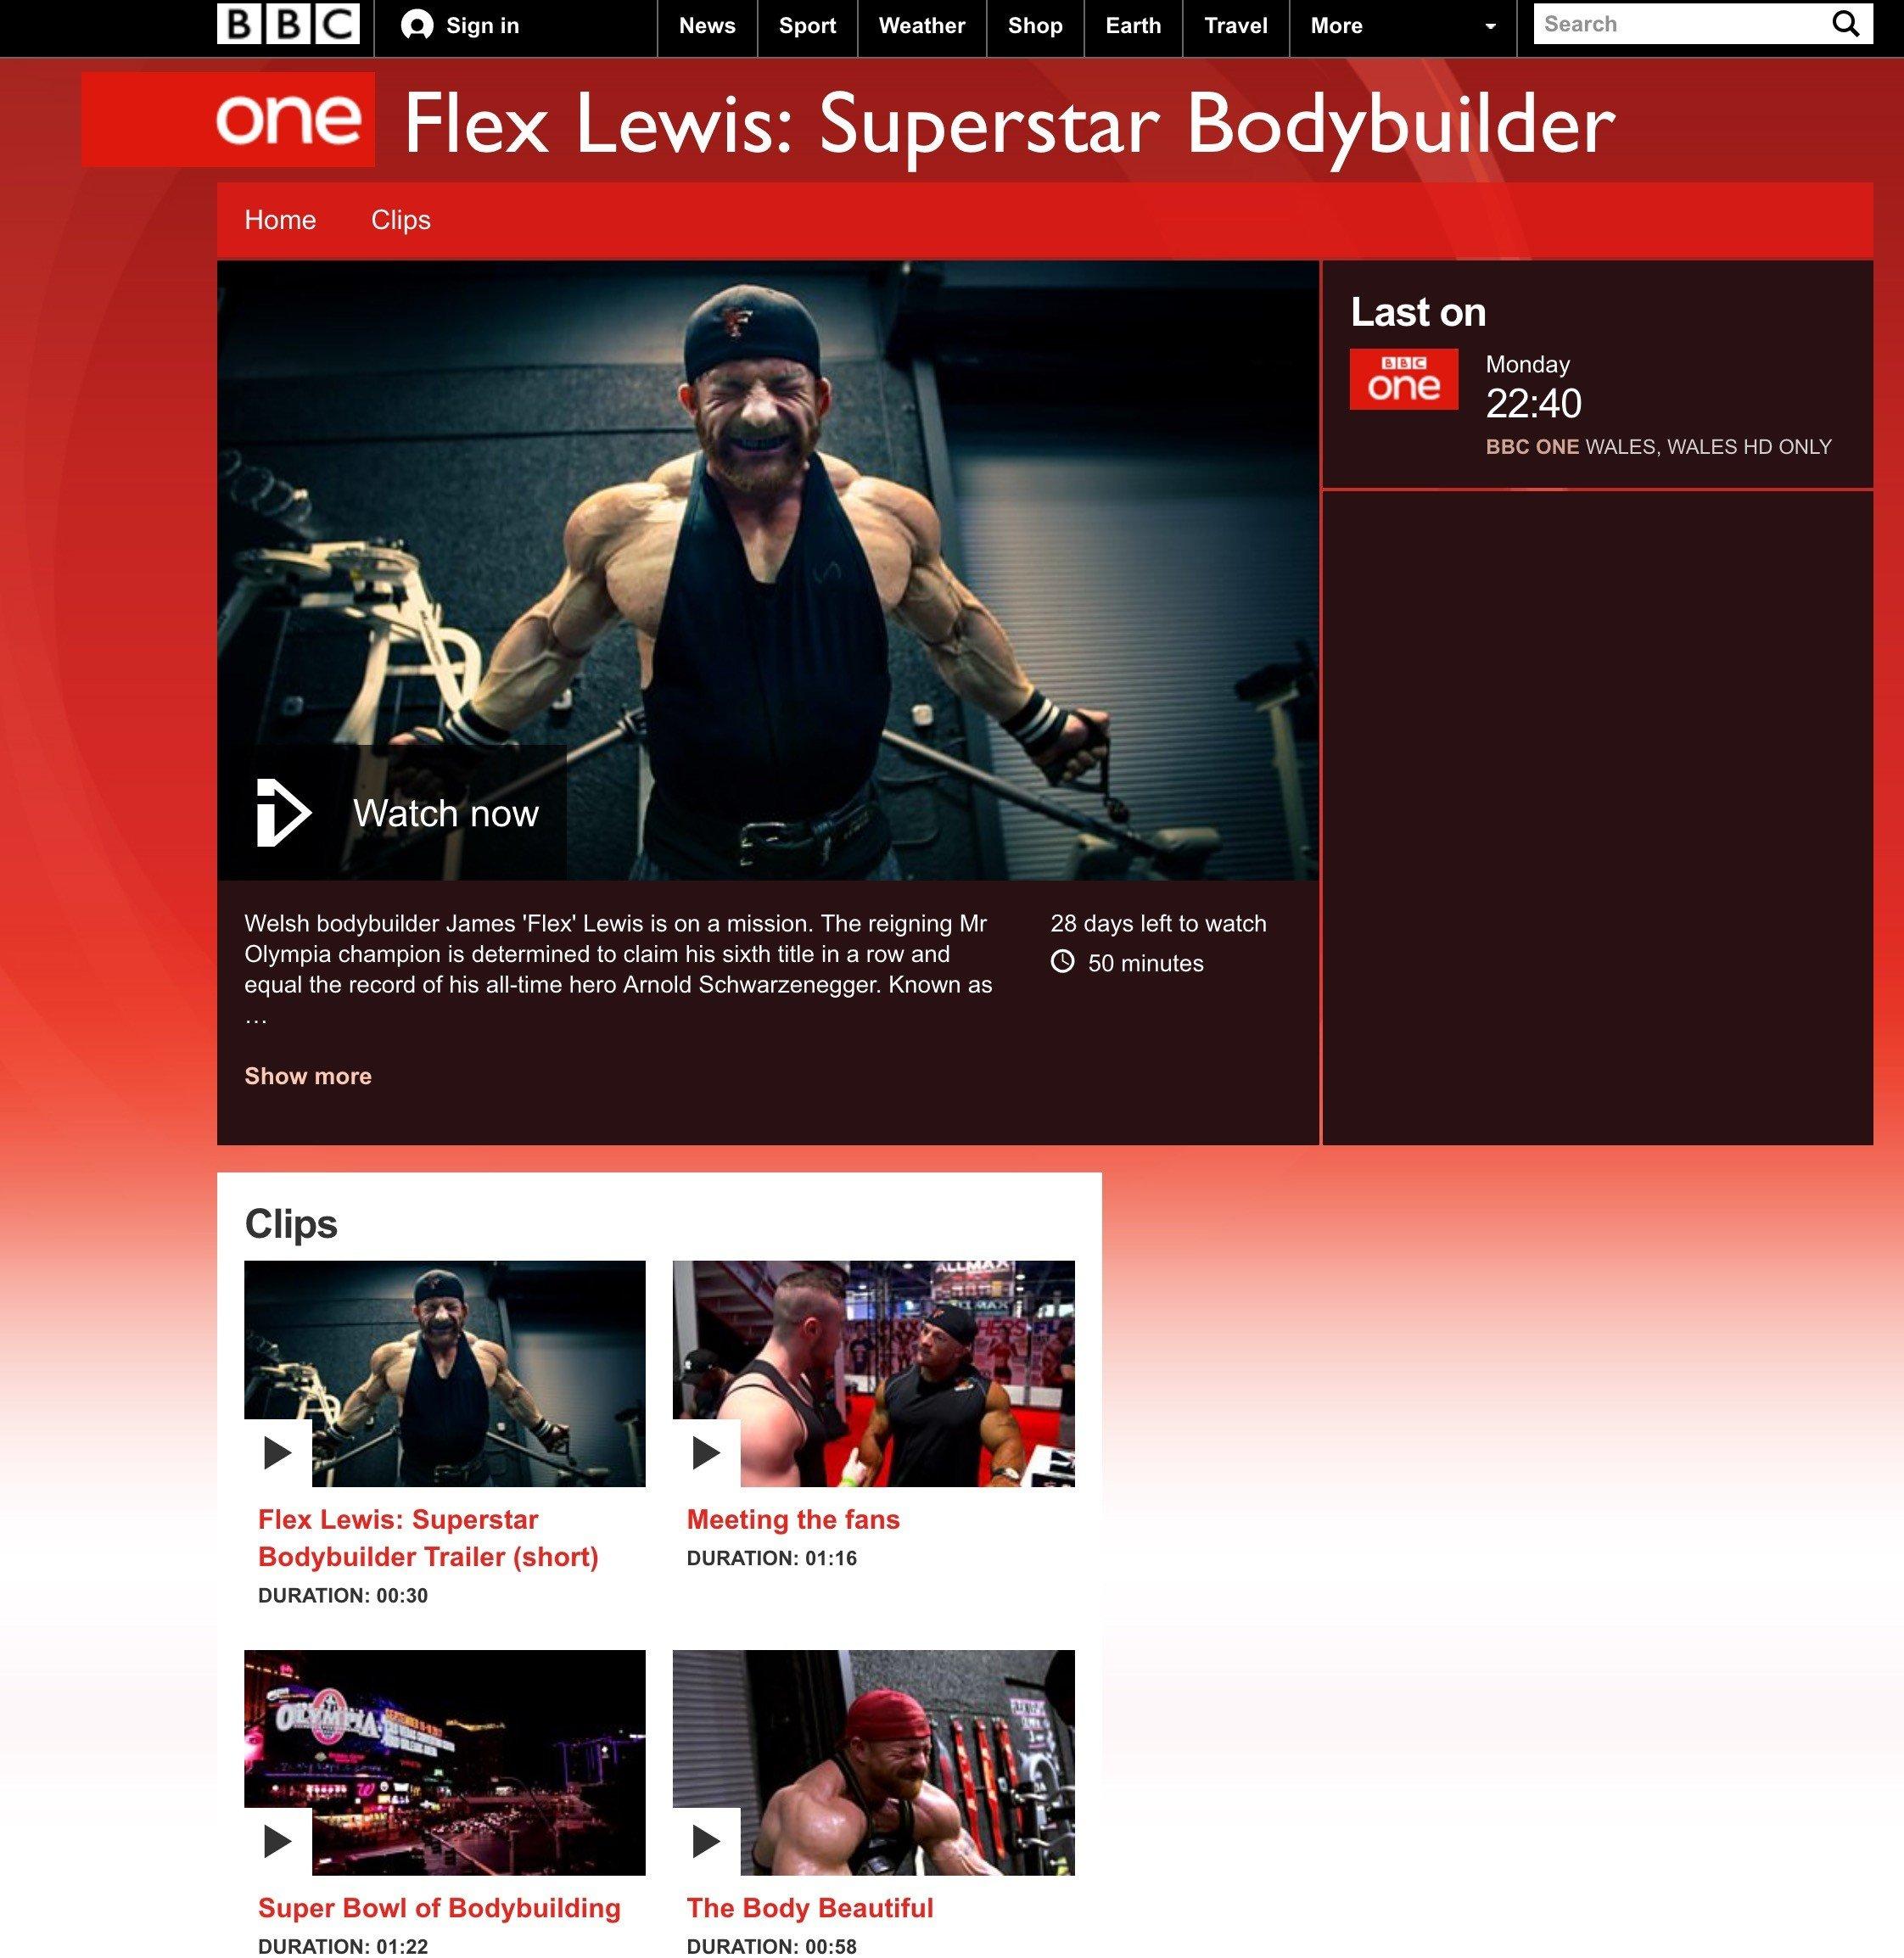 Flex Lewis: Superstar Bodybuilder